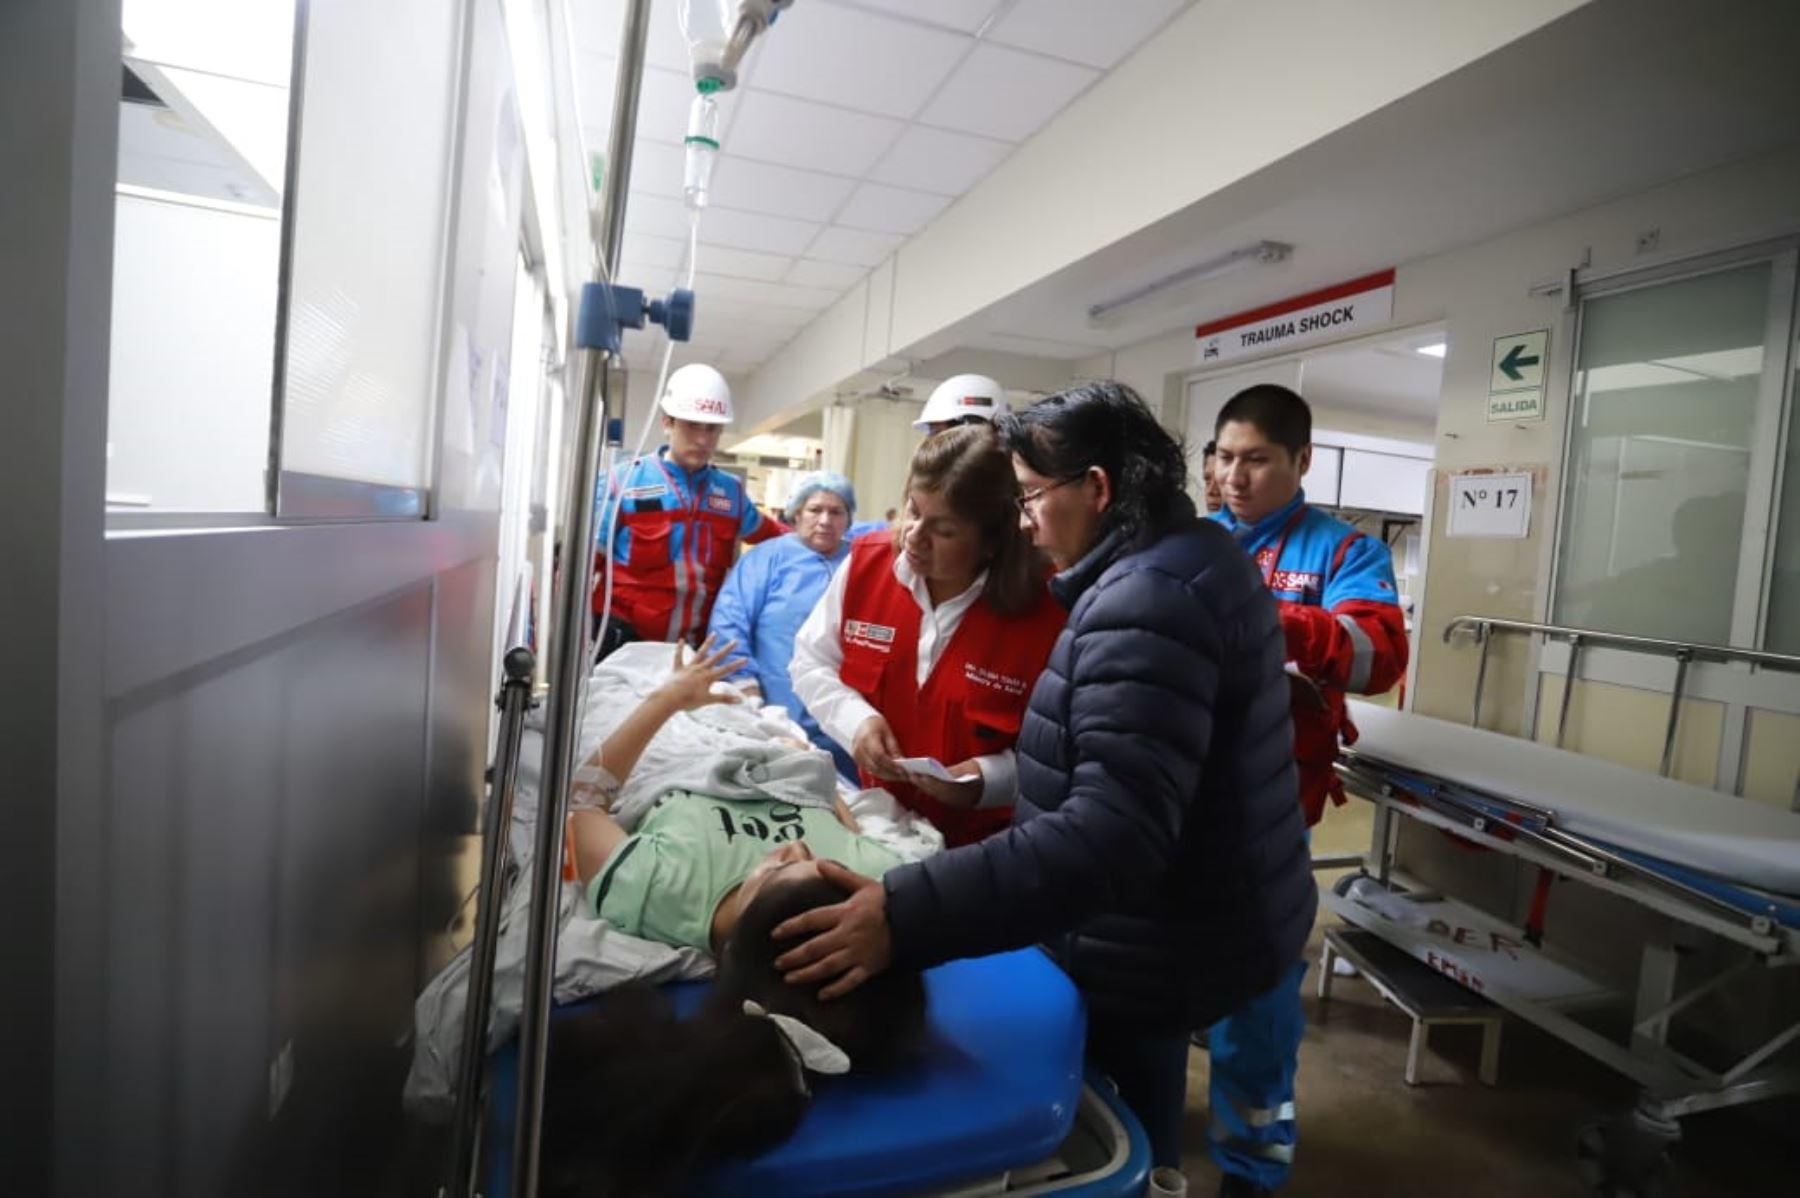 La ministra de Salud, Zulema Tomás, llegó al Hospital José Agurto Tello de Chosica para supervisar el traslado de los heridos por accidente en Huarochirí.